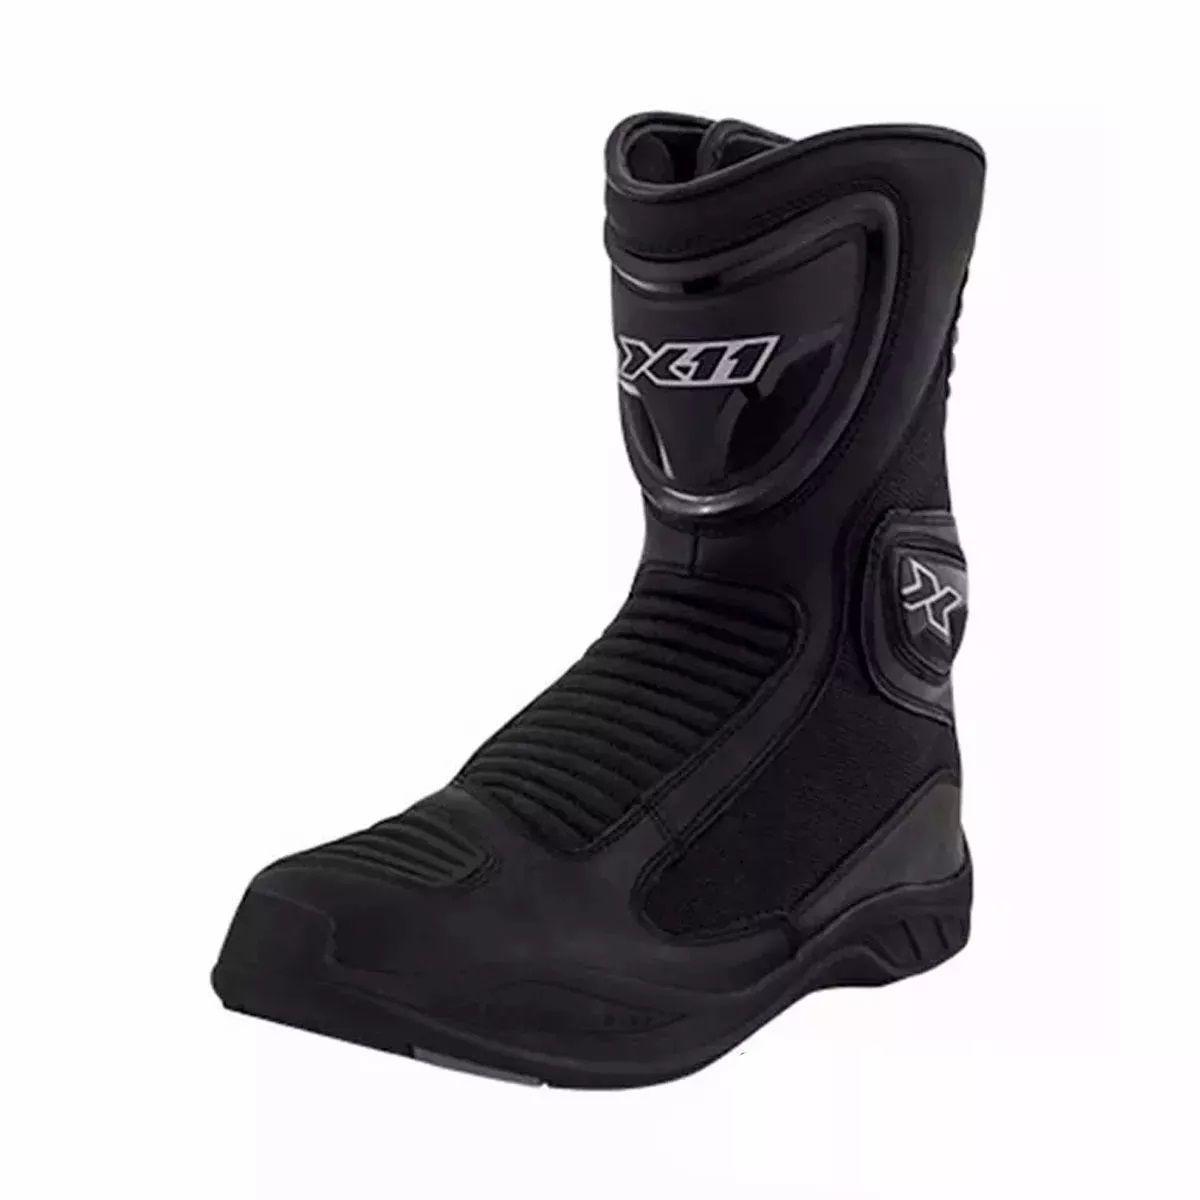 Bota X11 Thunder Impermeável  - Ditesta & Daihead - Moto Store